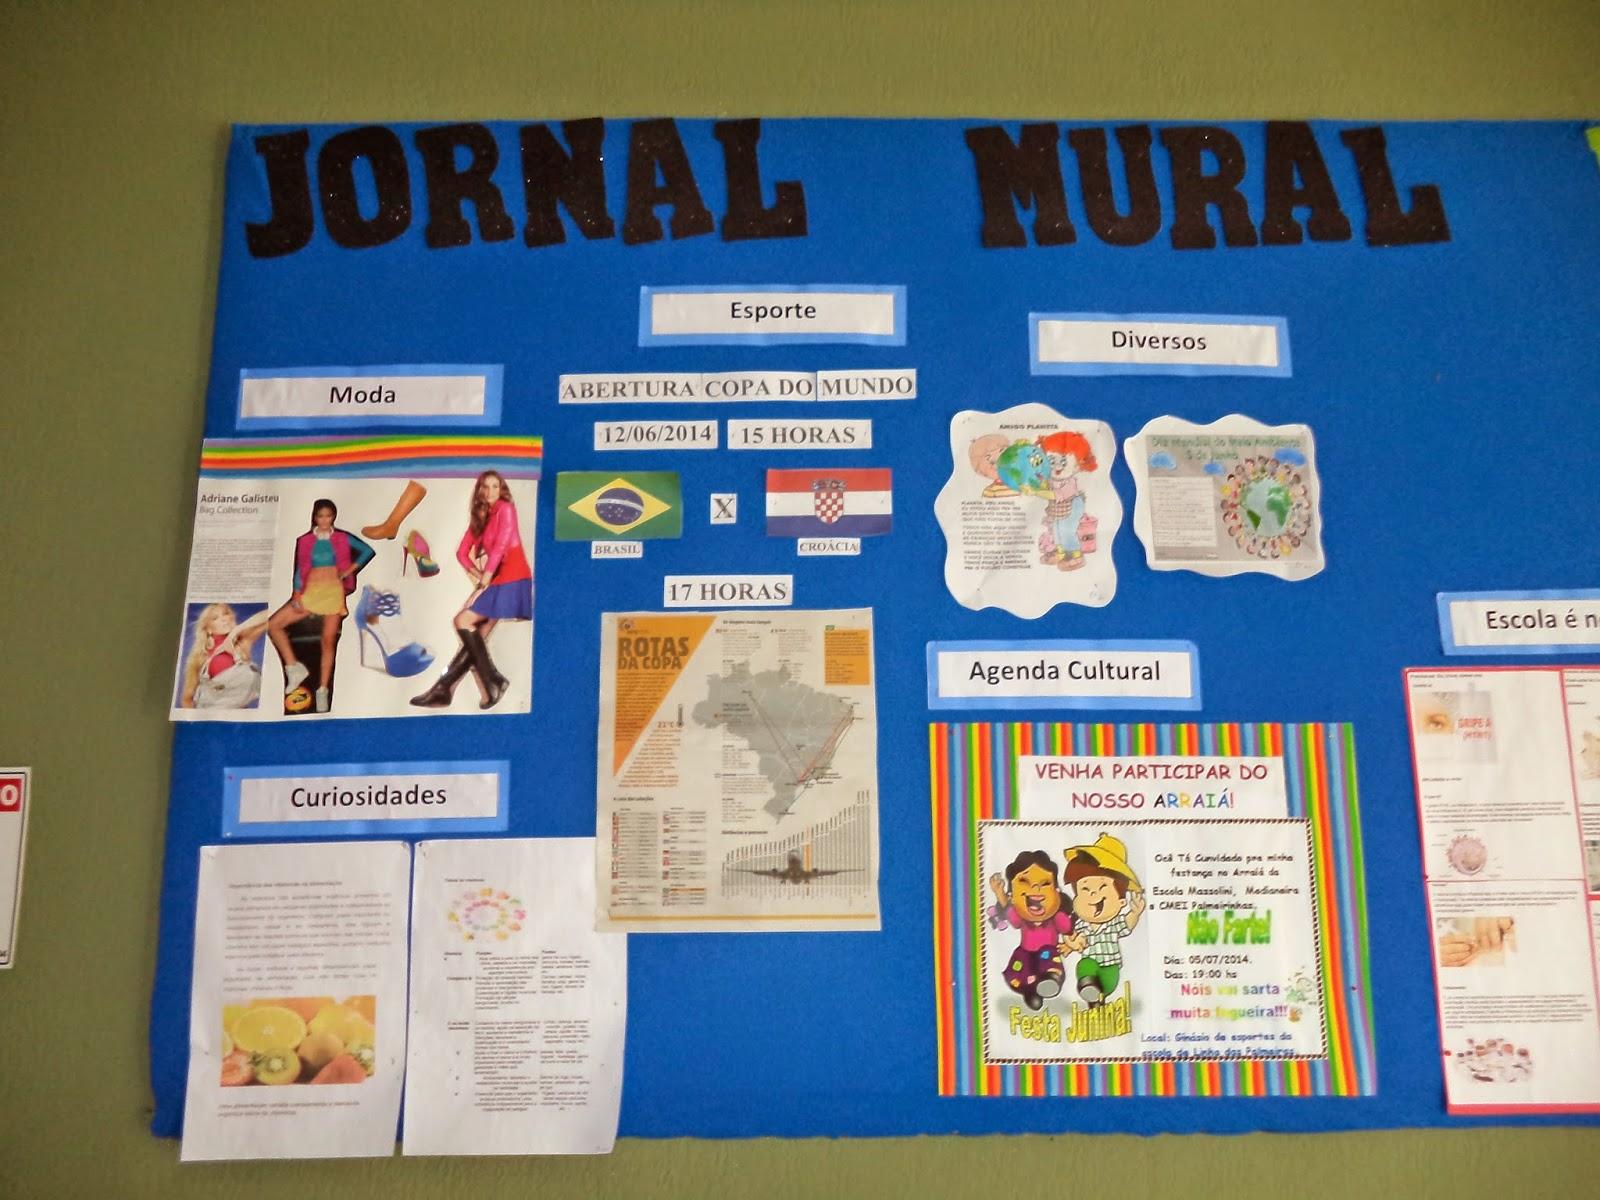 E e f d massolini jornal mural estudantil for Como elaborar un periodico mural escolar